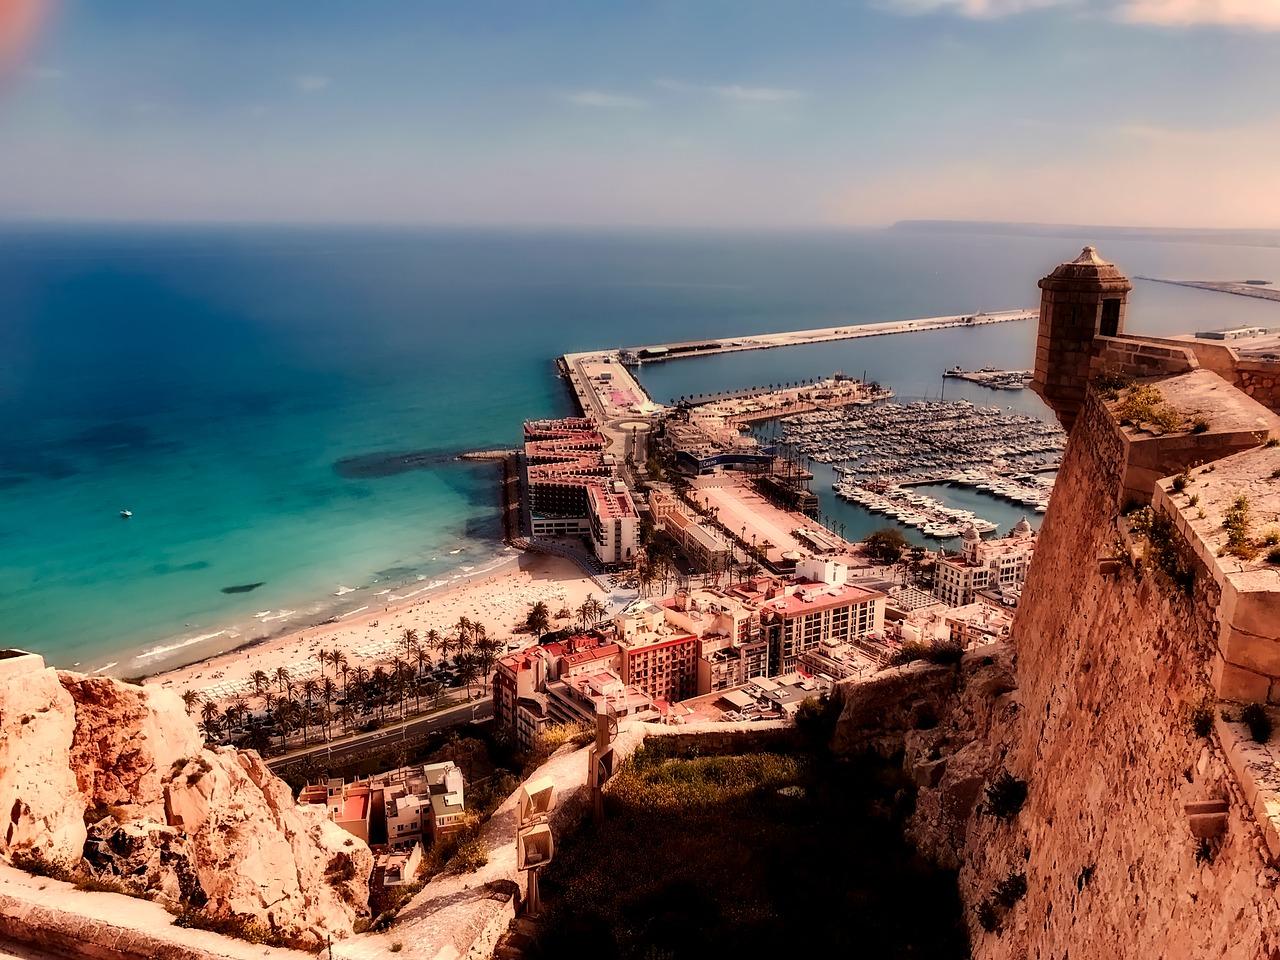 Aussichtspunkte gibt es hier vor Ort zahlreiche im Gebirge mit einem wundervollen Blick auf die Stadt & den Ozean